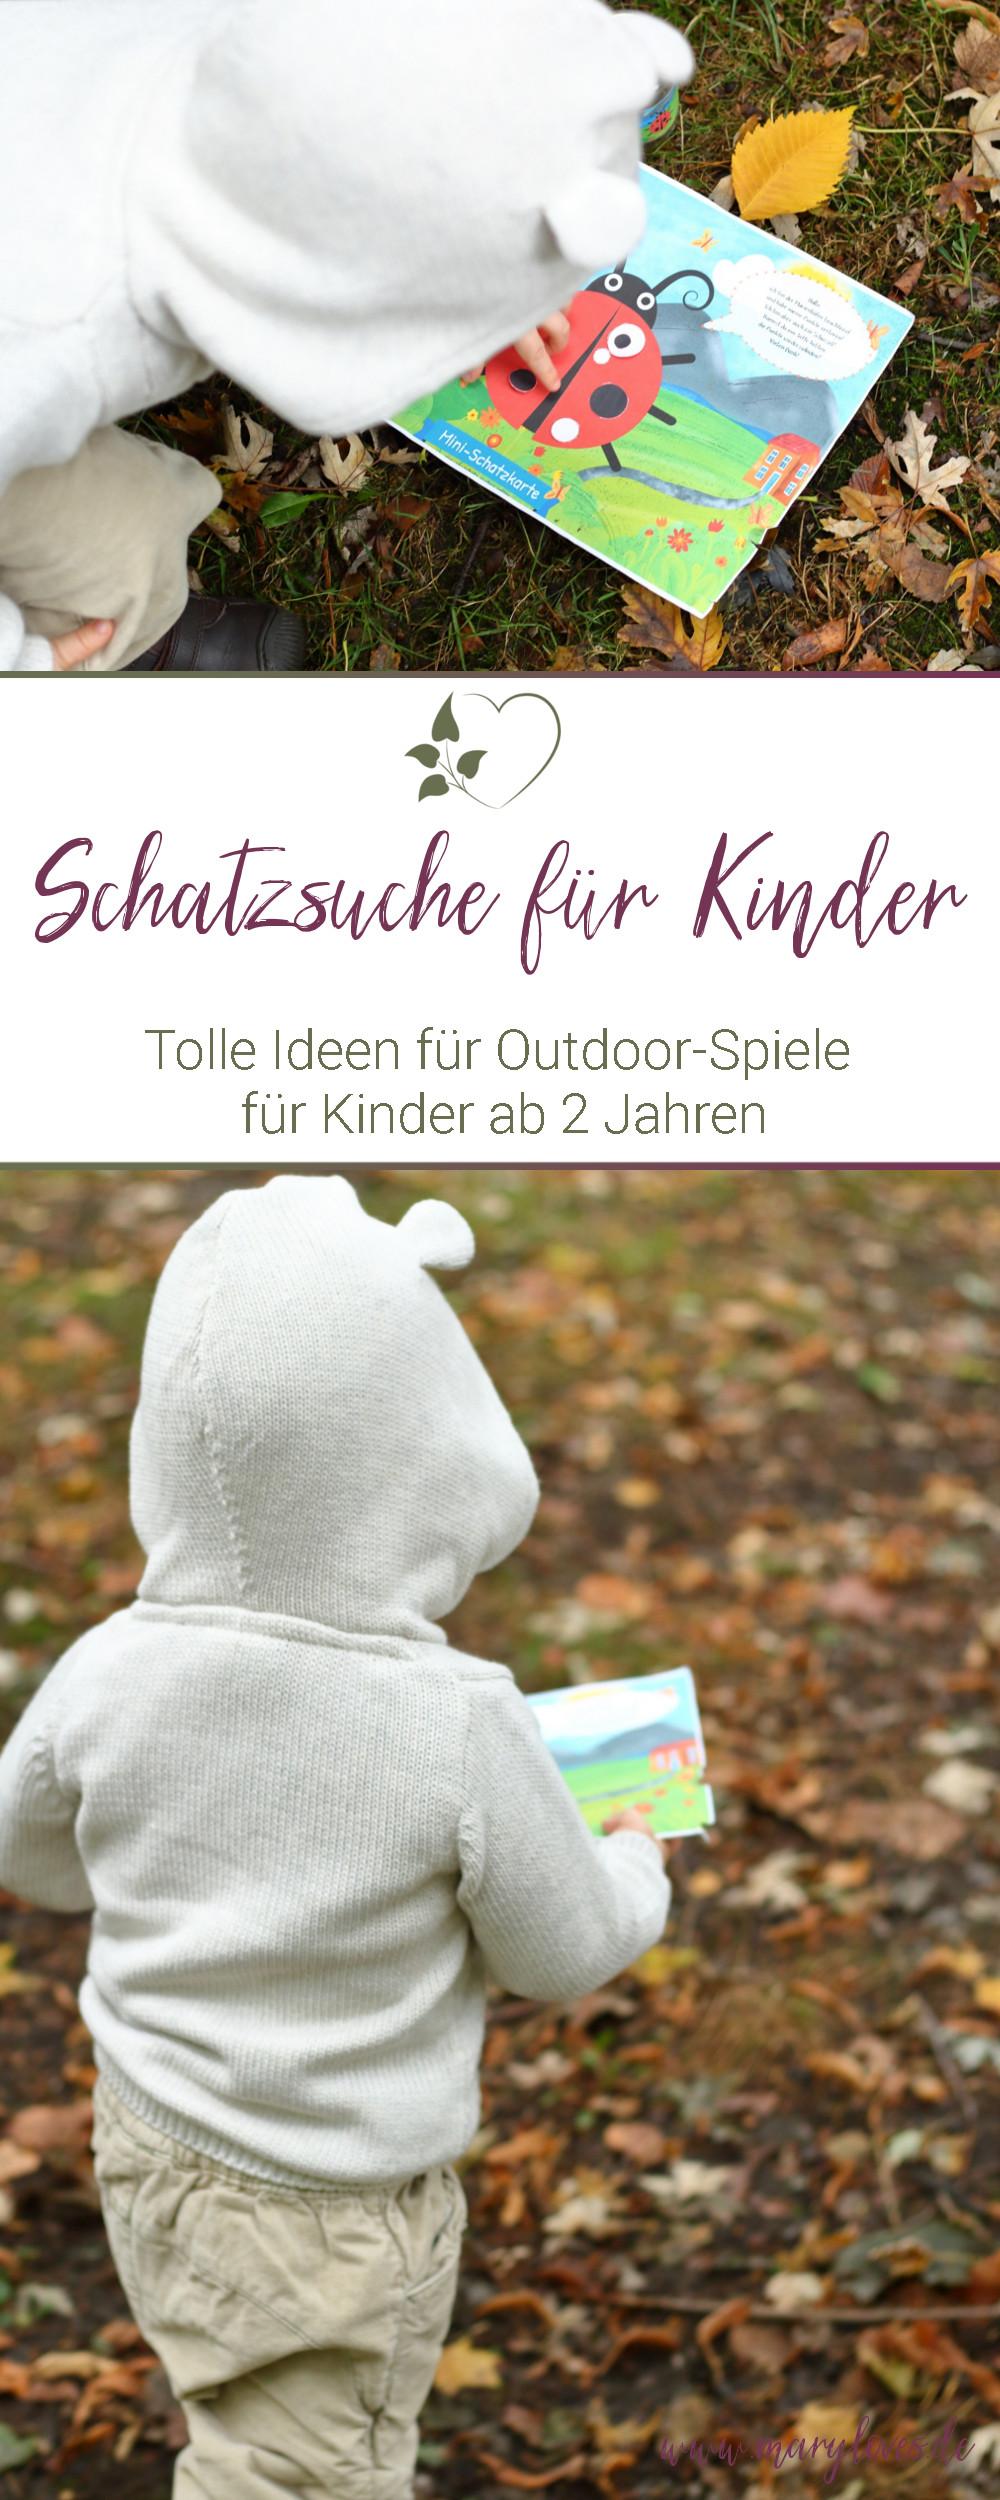 [Anzeige] Outdoor-Spiele für Kleinkinder - Mit Mini-Schatzsuchen ab 2 Jahren - #schatzsuche #outdoorspiele #kleinkind #kinderspiel #minischatzsuche #kinderbeschäftigung #spielefürkinder